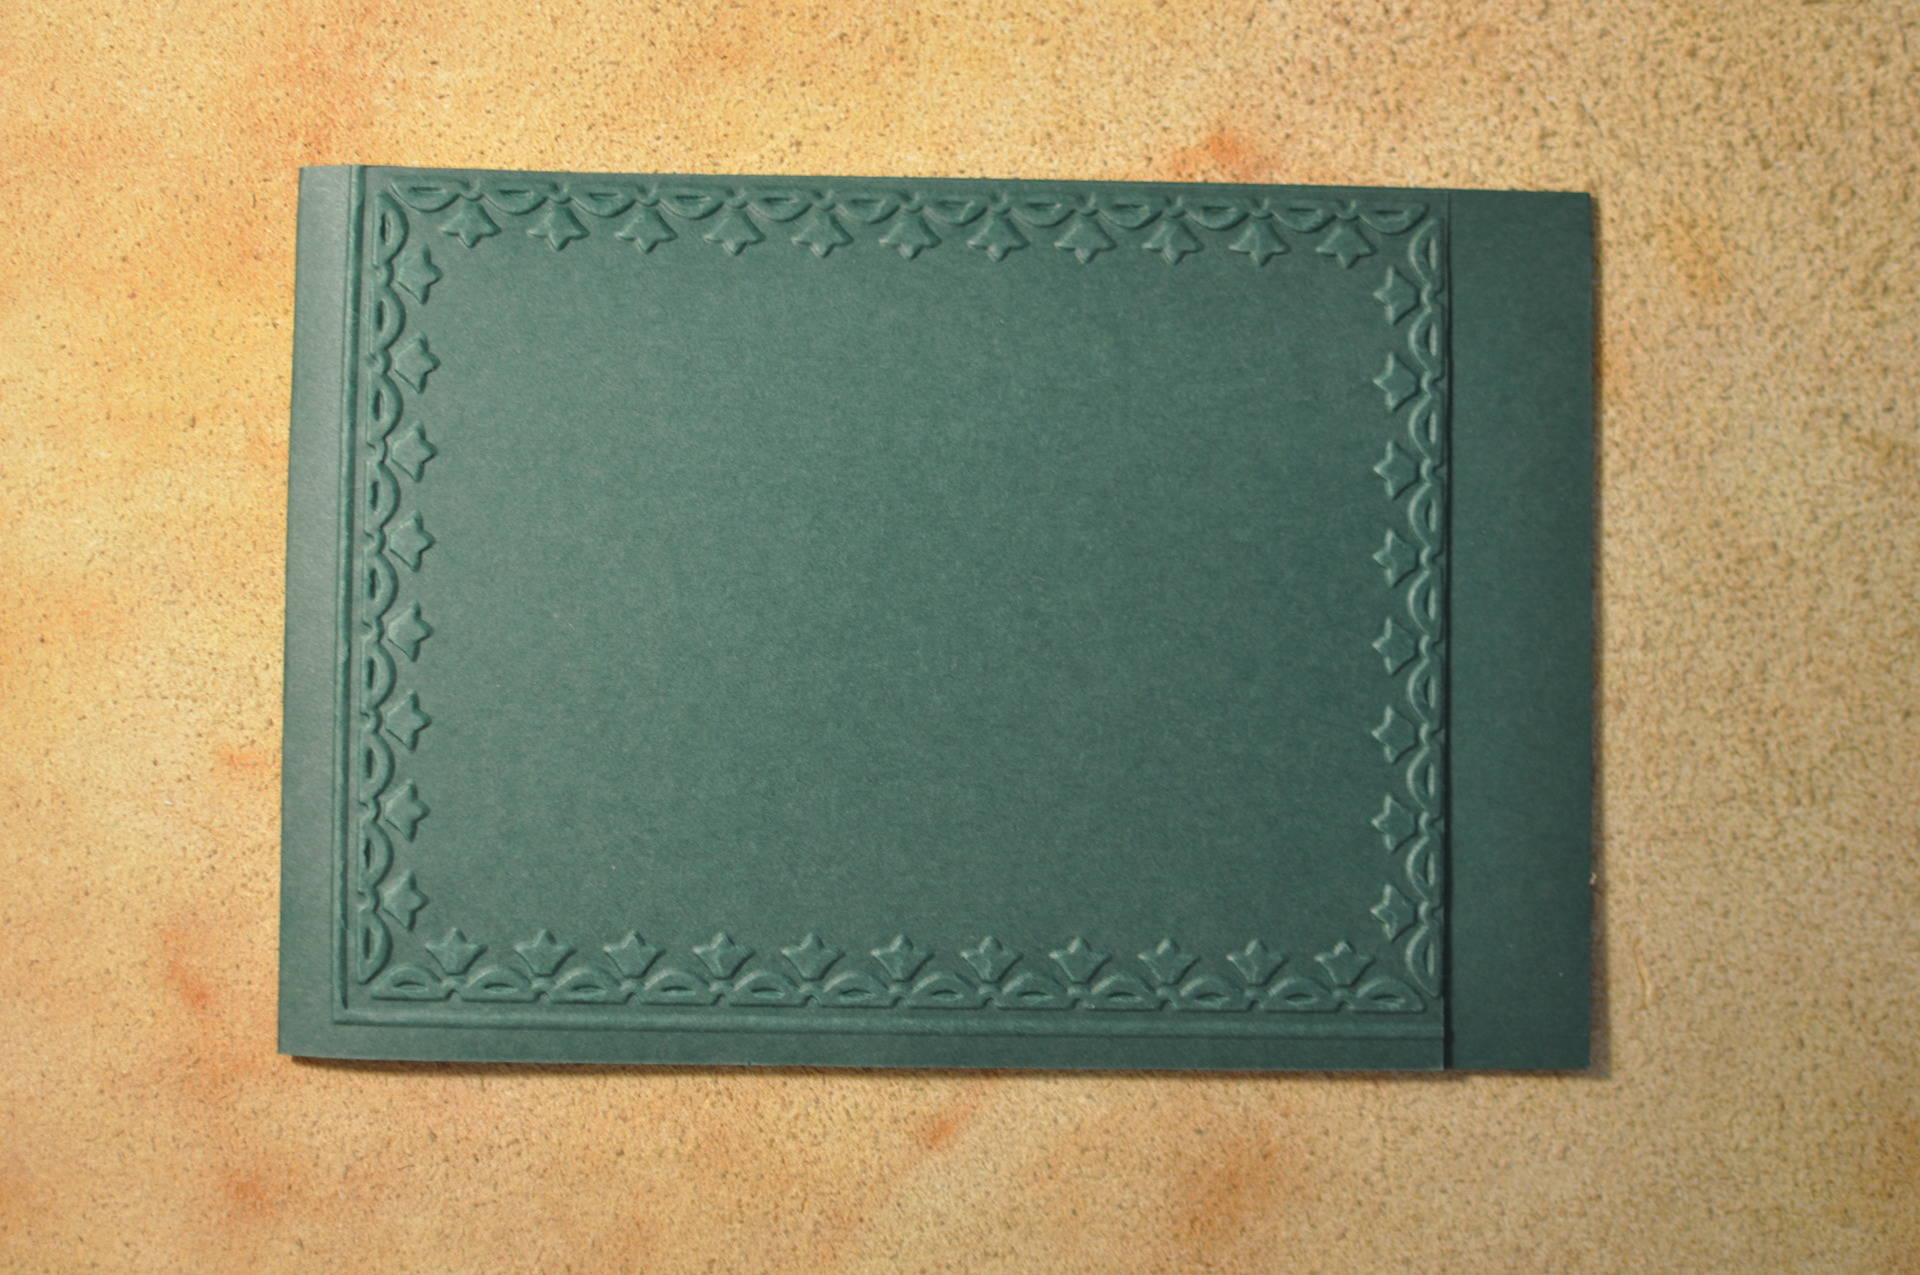 Carte double pour vos créations, cadre embossé petite frise fleurs, rectangulaire vert foncé. Carterie, scrap